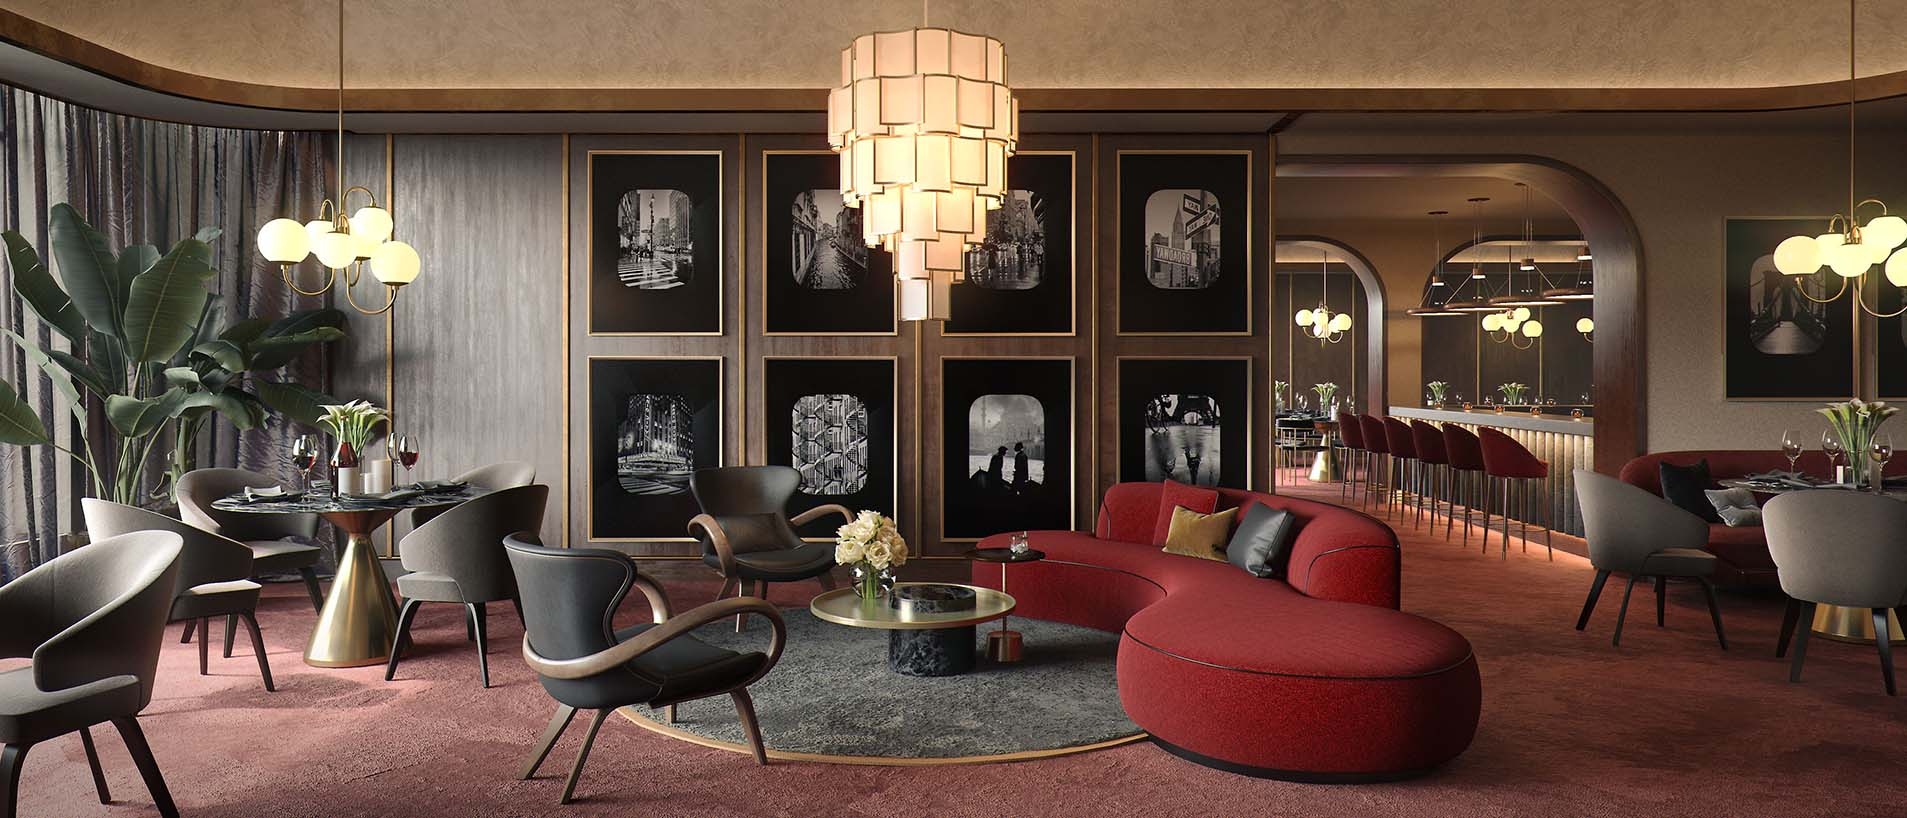 Интерьер ресторана с красной мебелью